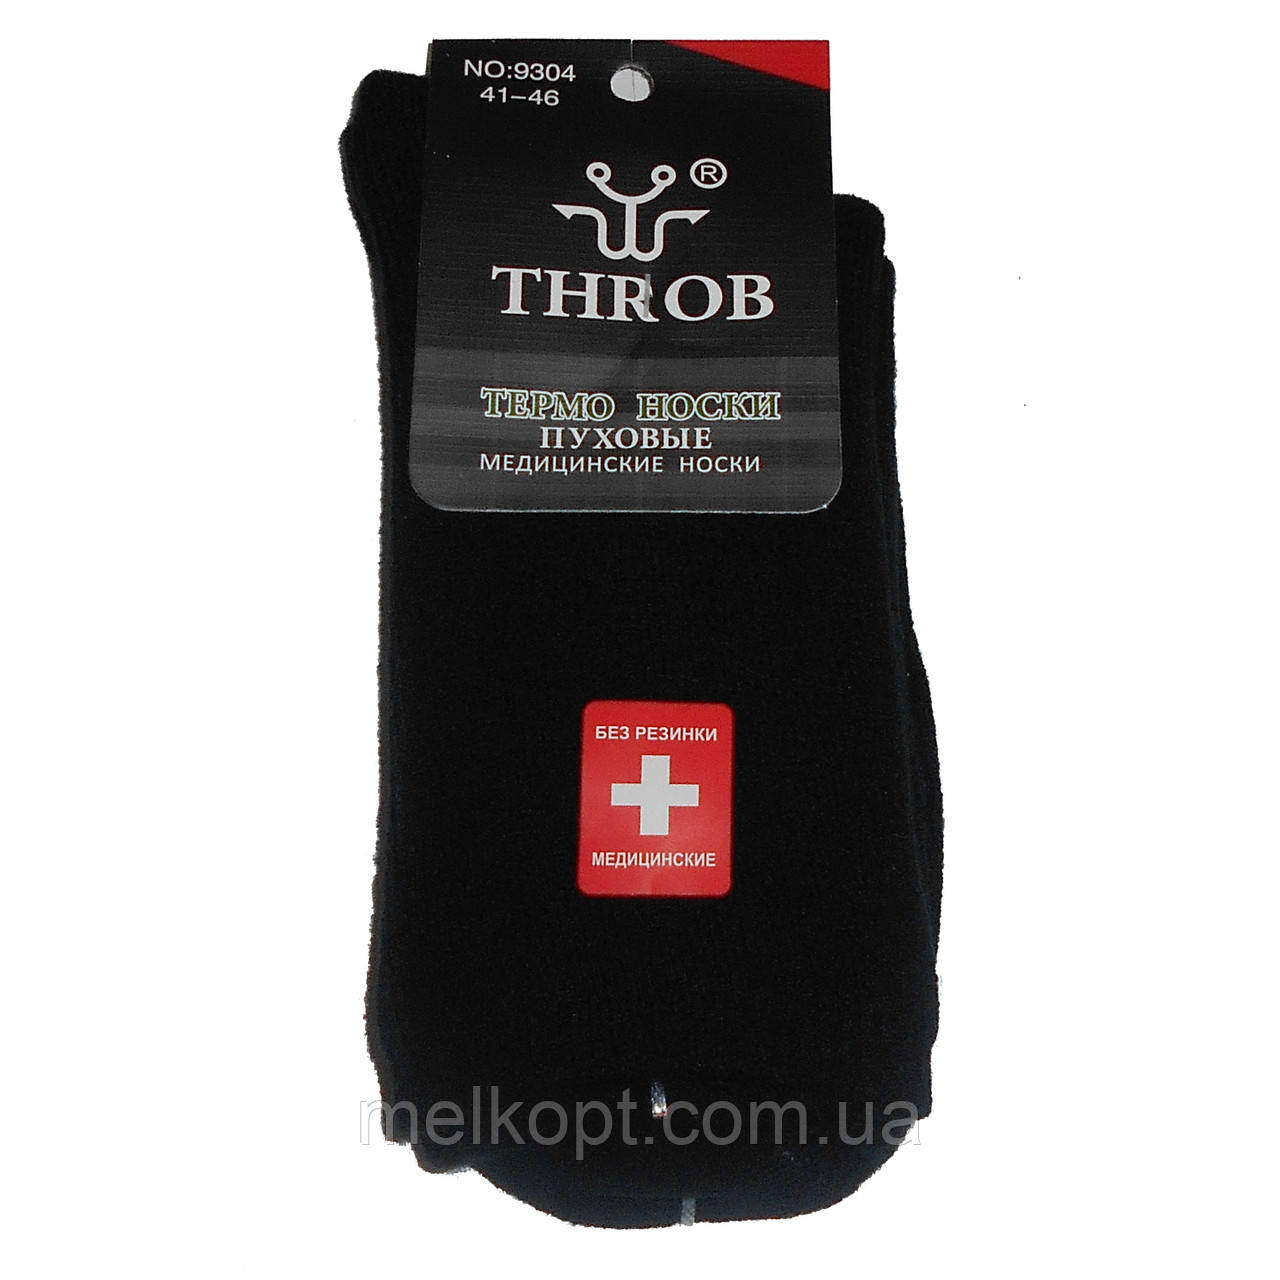 Мужские пуховые термоноски носки Throbe - 40,50 грн./пара (NO:9304)